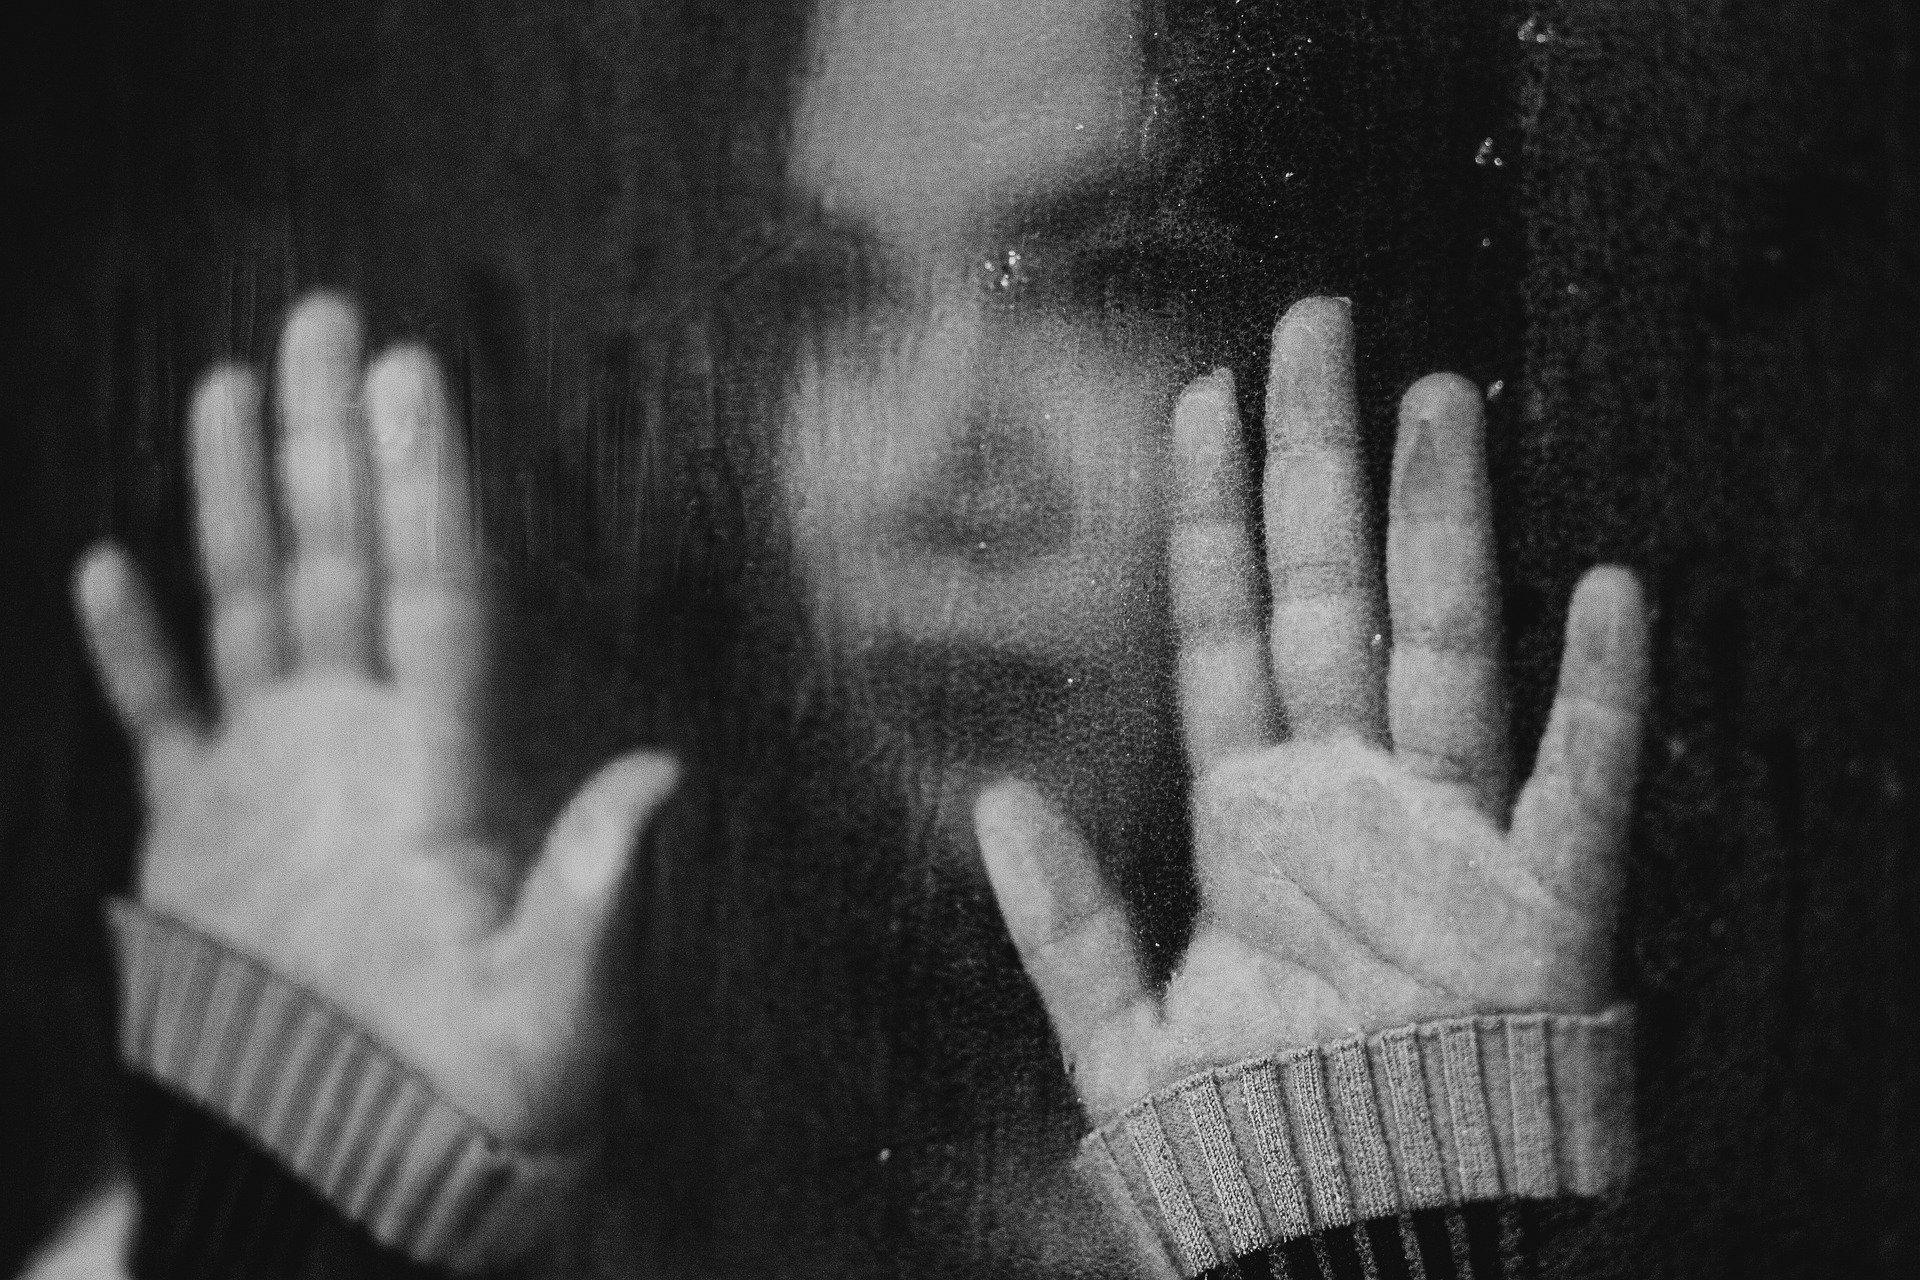 suicide-5127103_1920